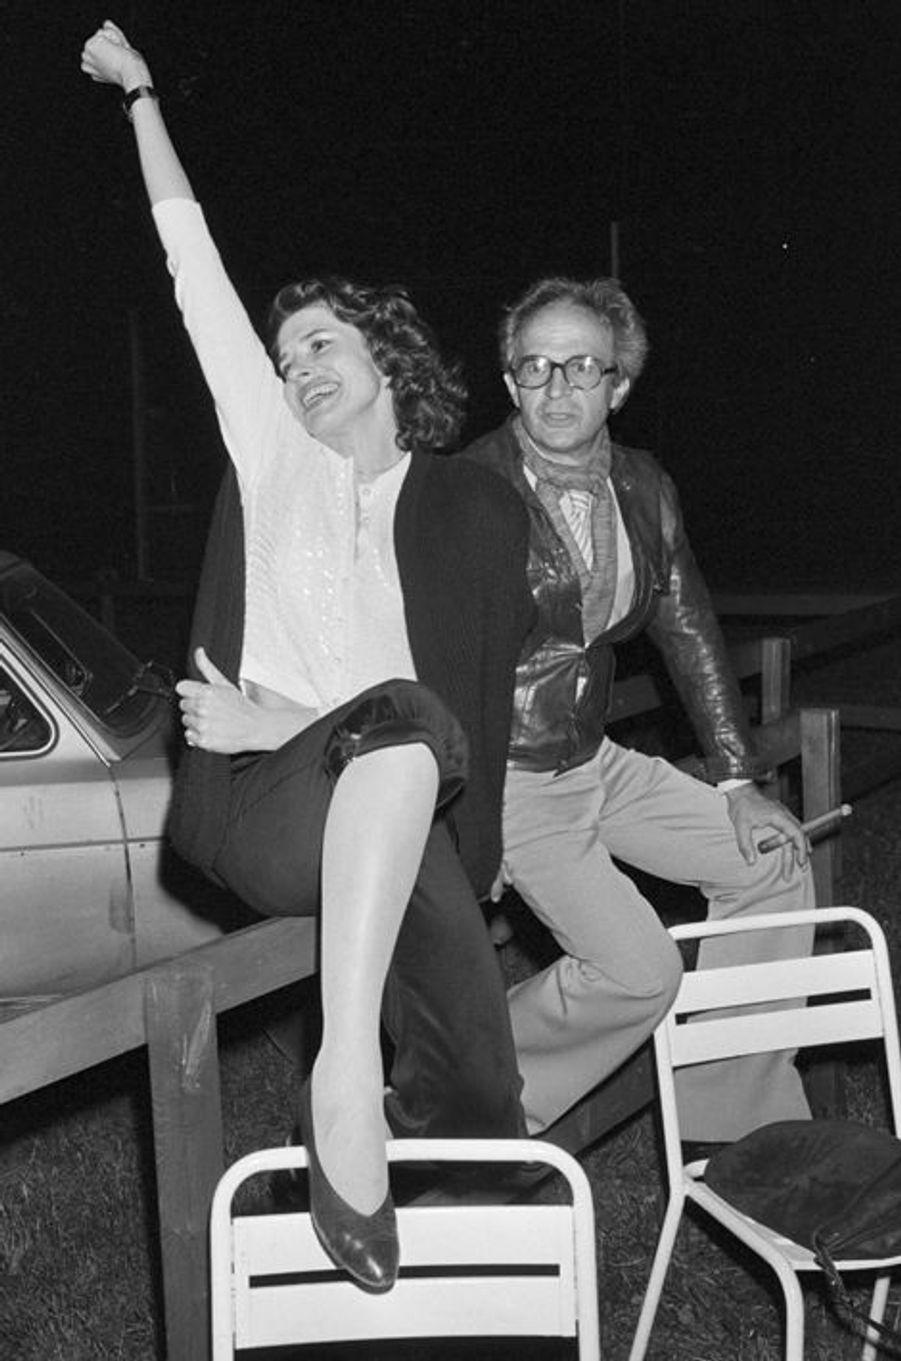 """France, Grenoble, 8 mai 1981, pendant le tournage du film """"La femme d'à côté"""", lors d'une soirée de repos, le réalisateur François TRUFFAUT est assis sur une barrière de bois près de l'actrice Fanny ARDANT, à l'époque sa compagne. Elle sourit en tendant un bras en l'air, une jambe sur une chaise en métal posée devant elle. Lui tient un cigare dans une main. Derrière eux, une voiture garée."""